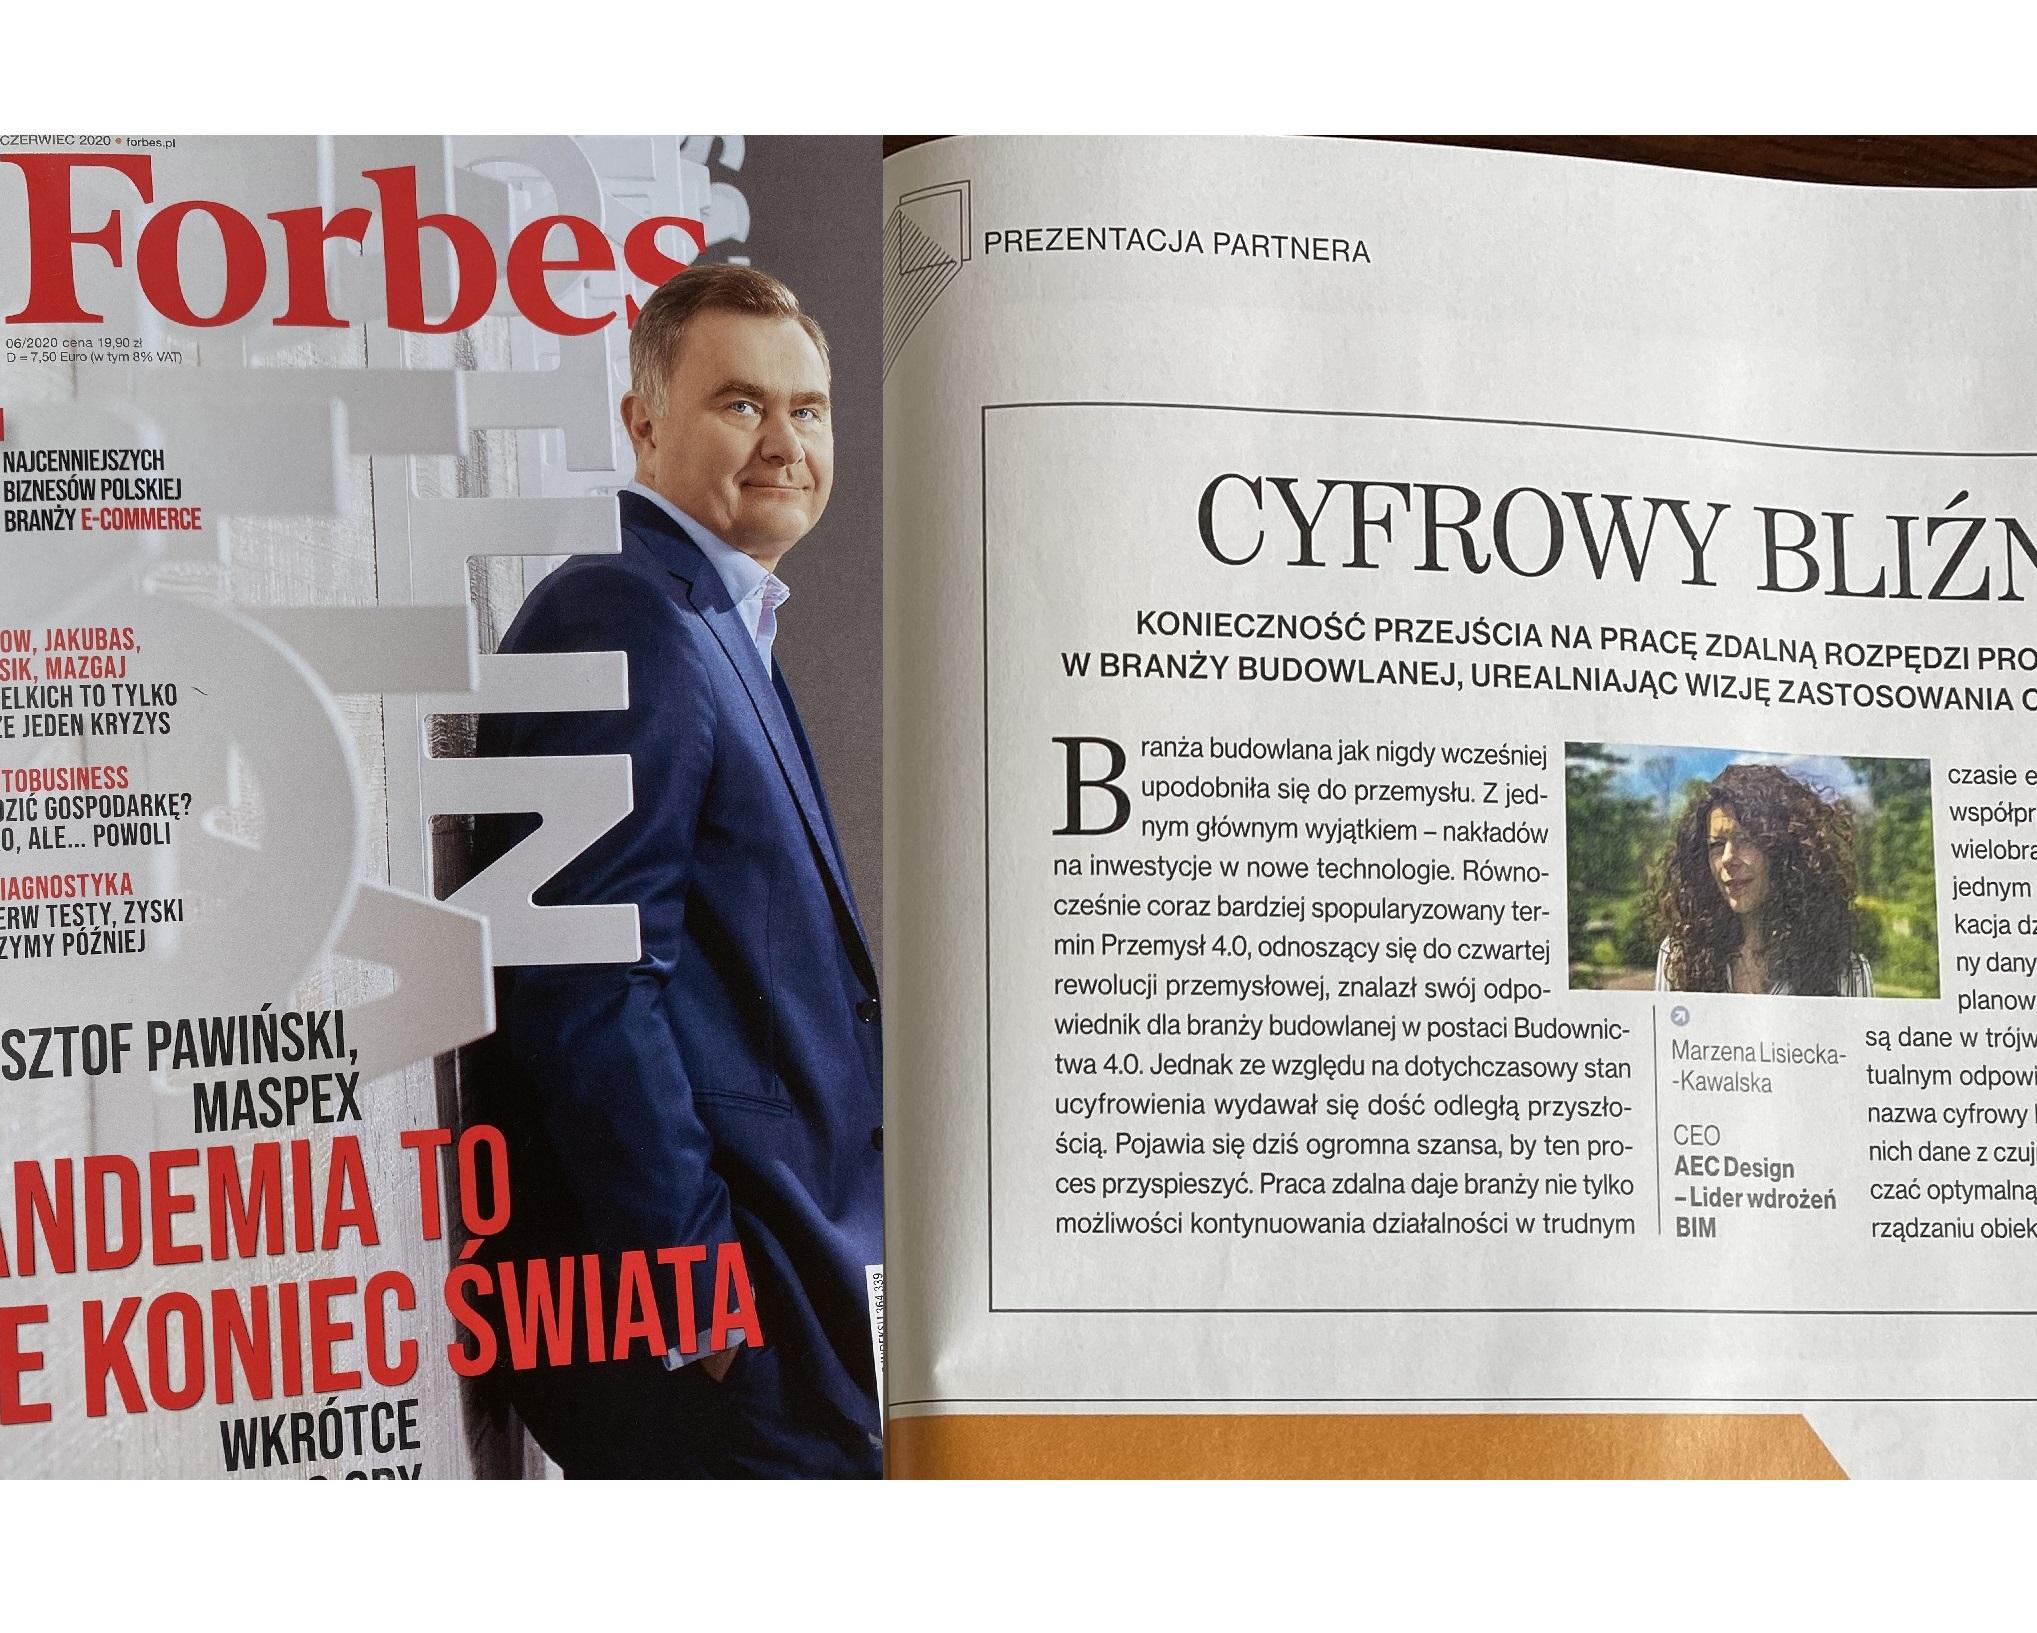 forbes magazyn czasopismo artykuł cyfrowy blizniak